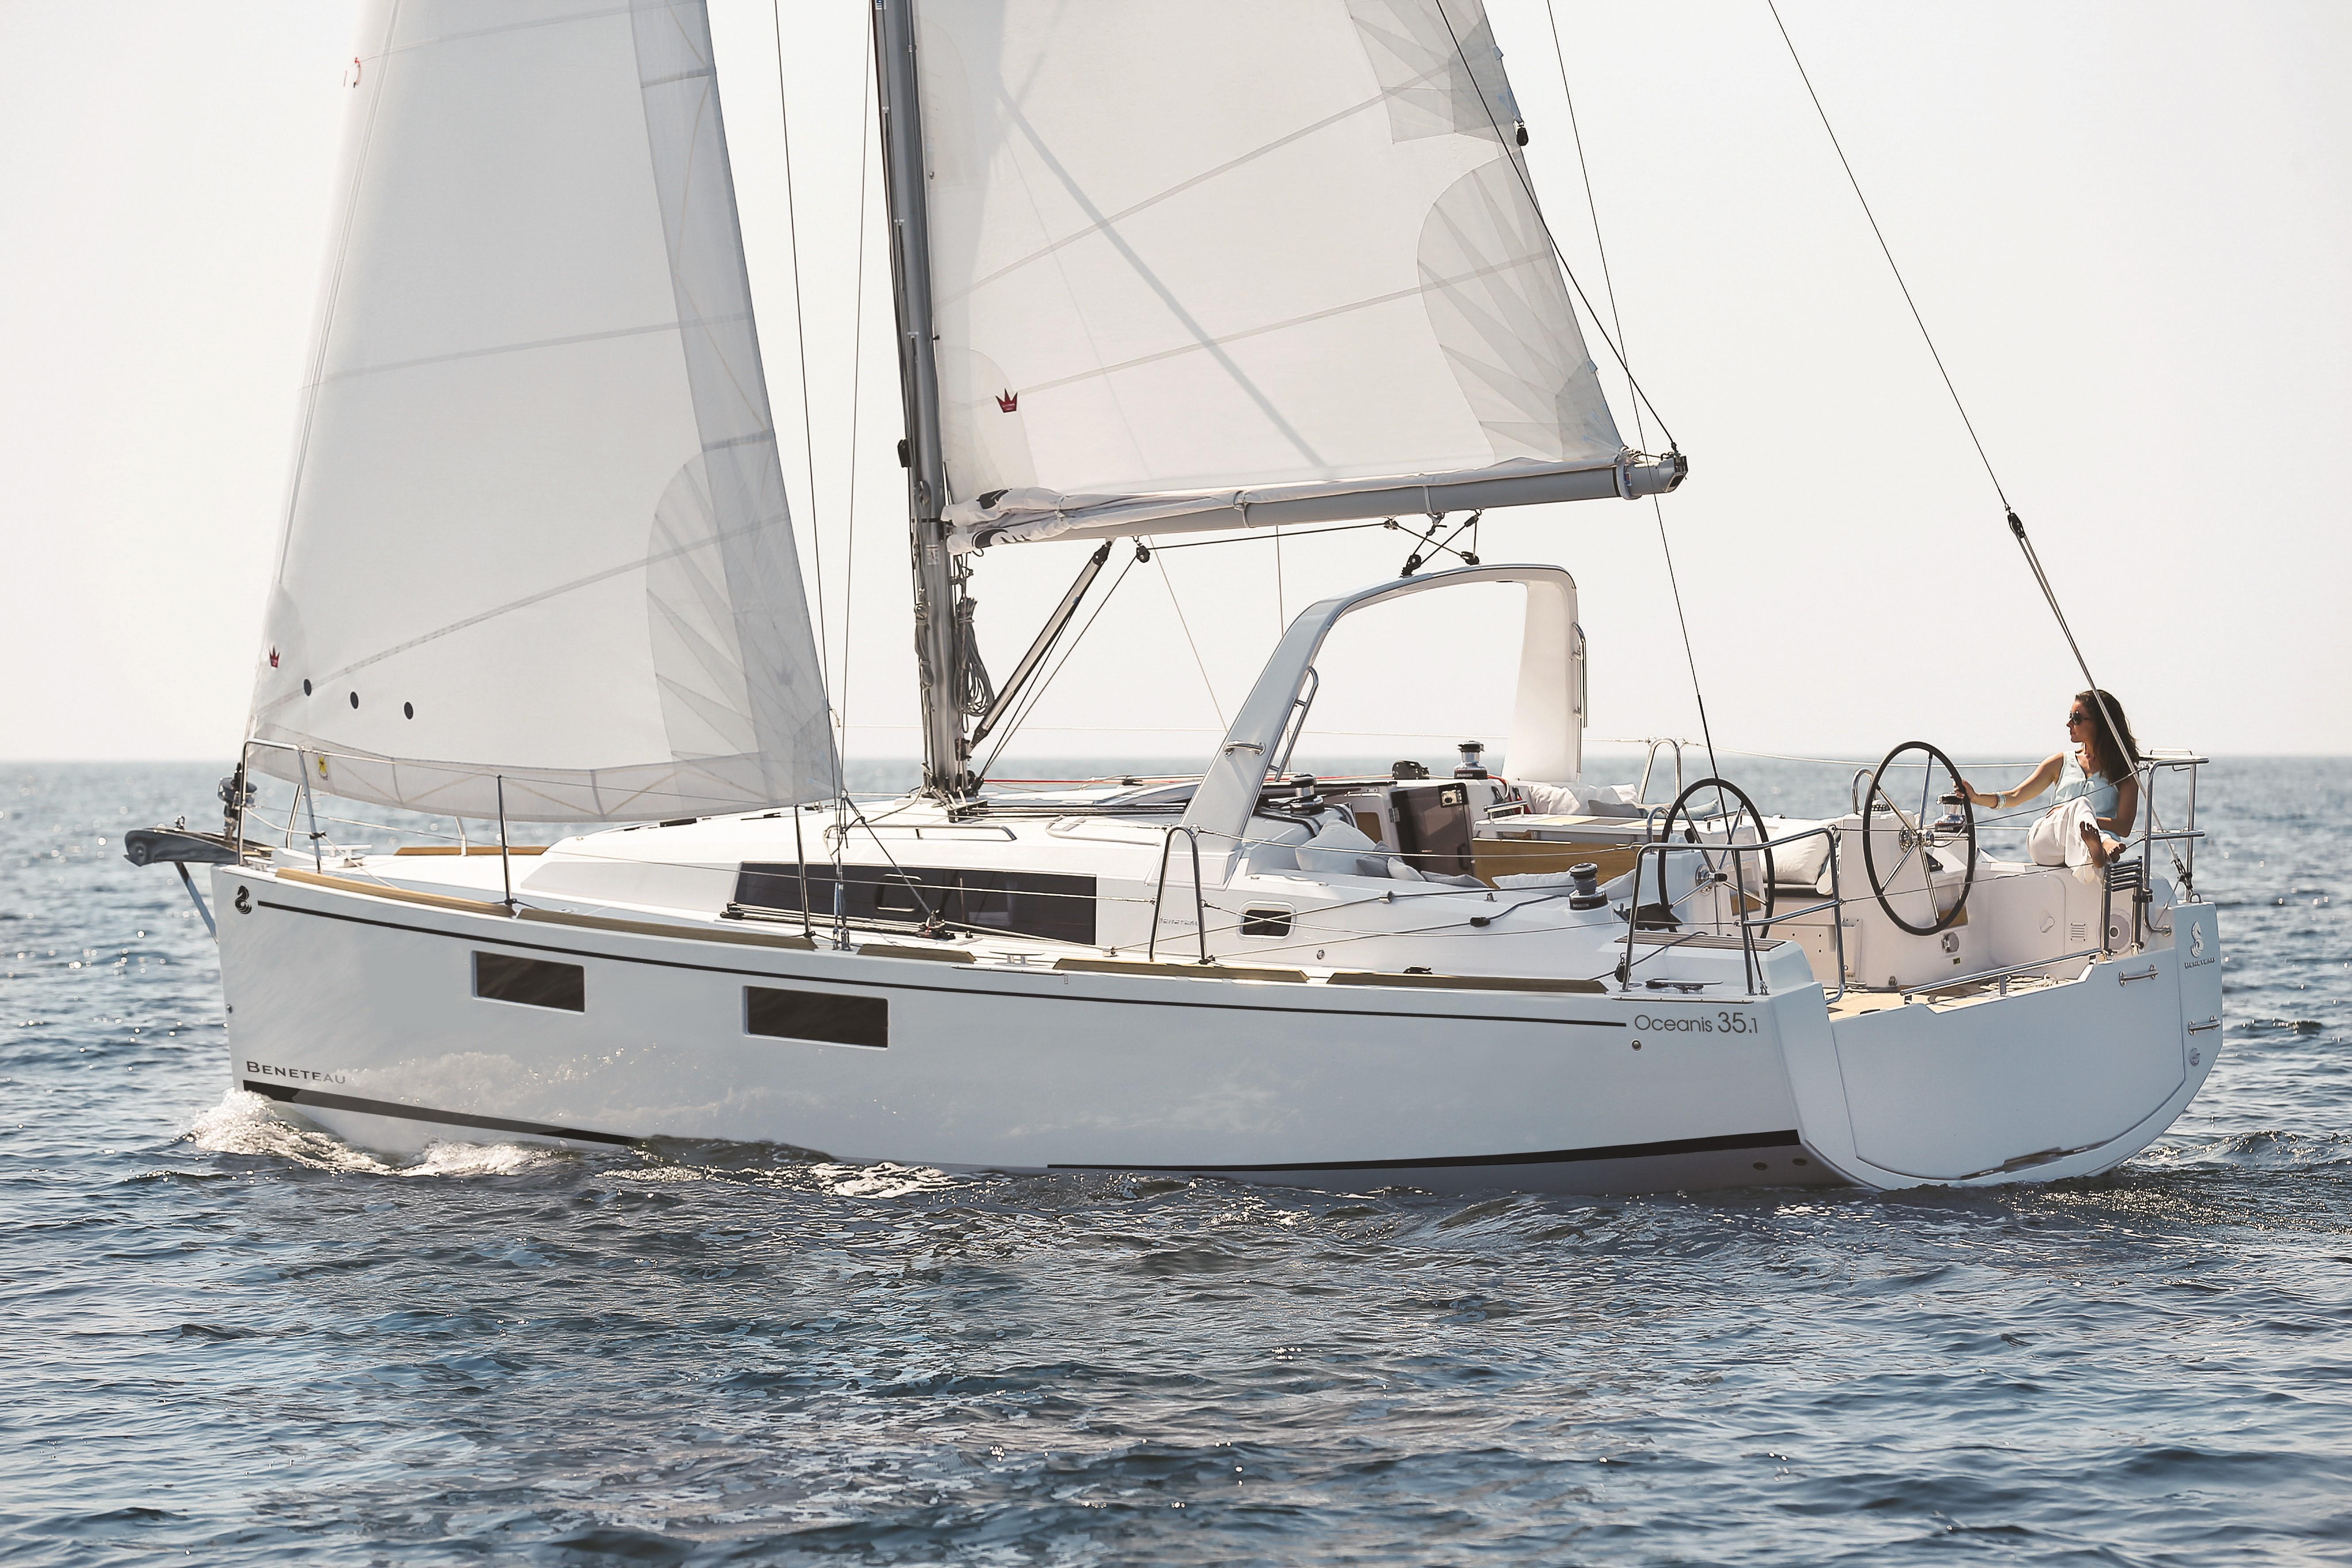 Beneteau Oceanis 35.1 35.1